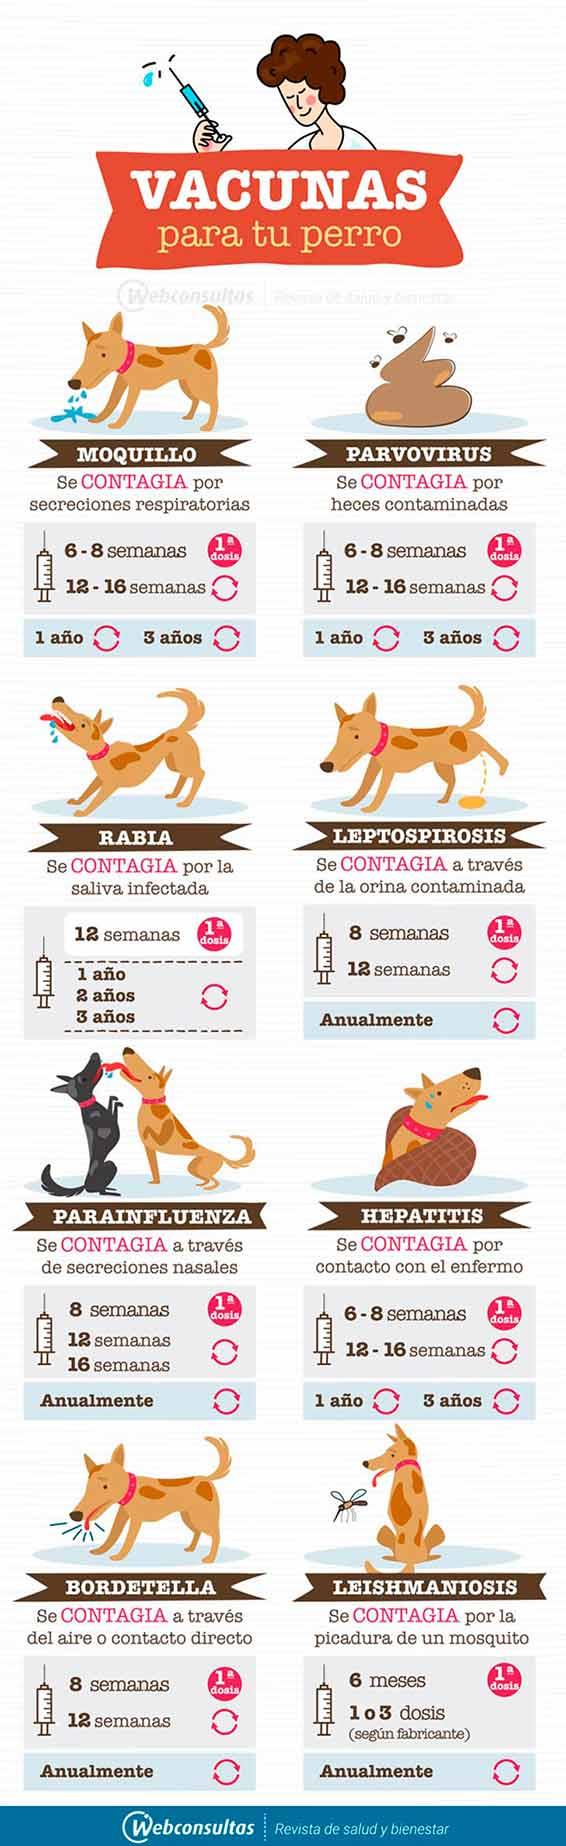 Vacunas Gatos Calendario.Vacunacion De Perros Domesticos Como Funciona Y De Que Les